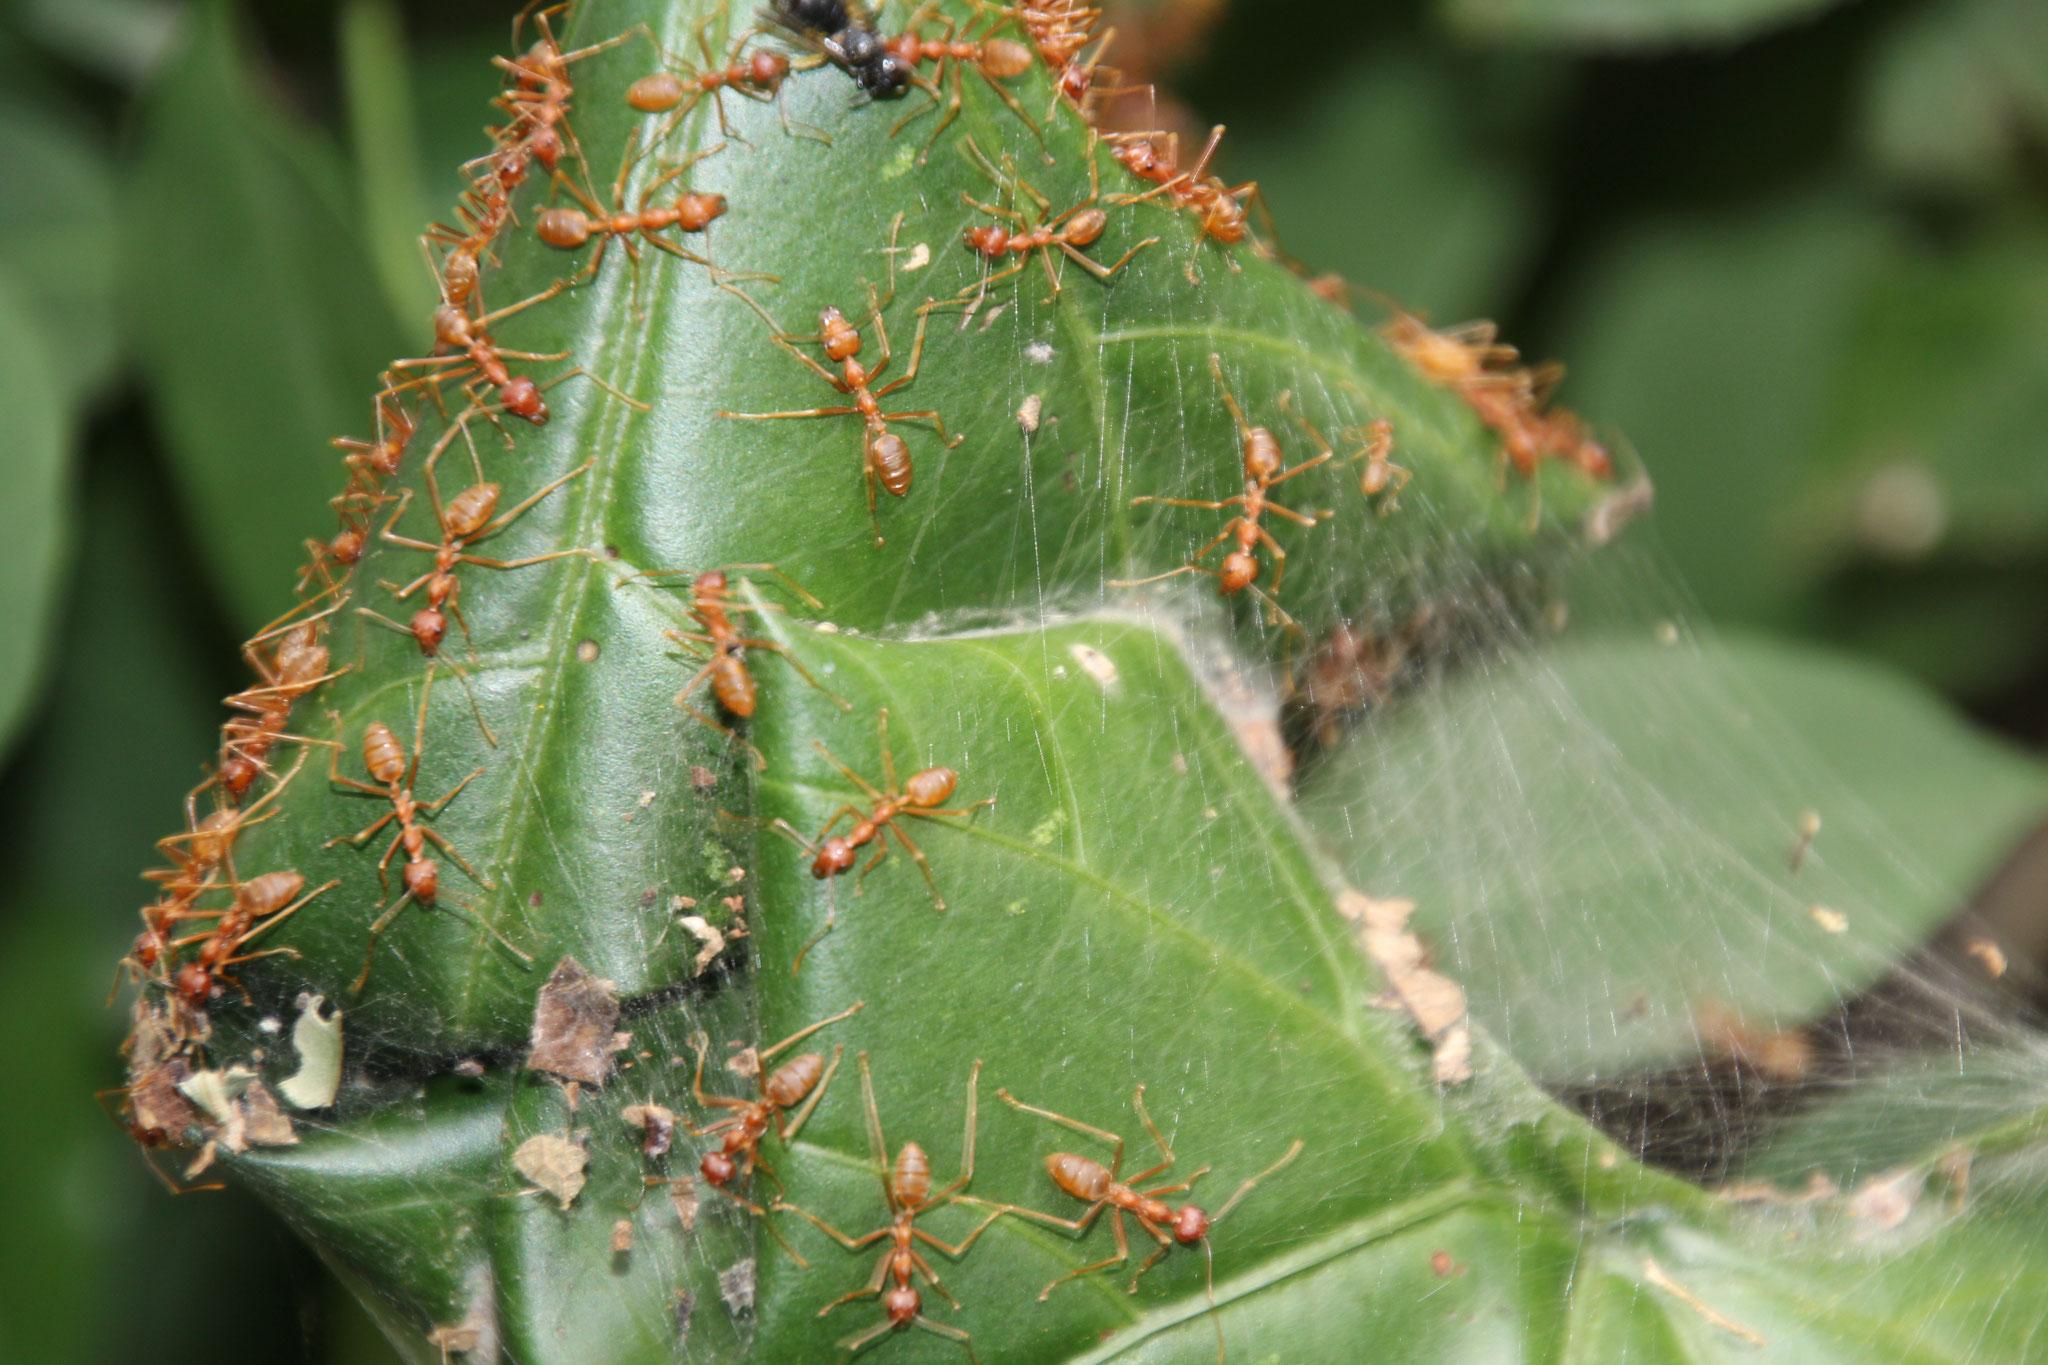 Ameisen beim Nestbau.